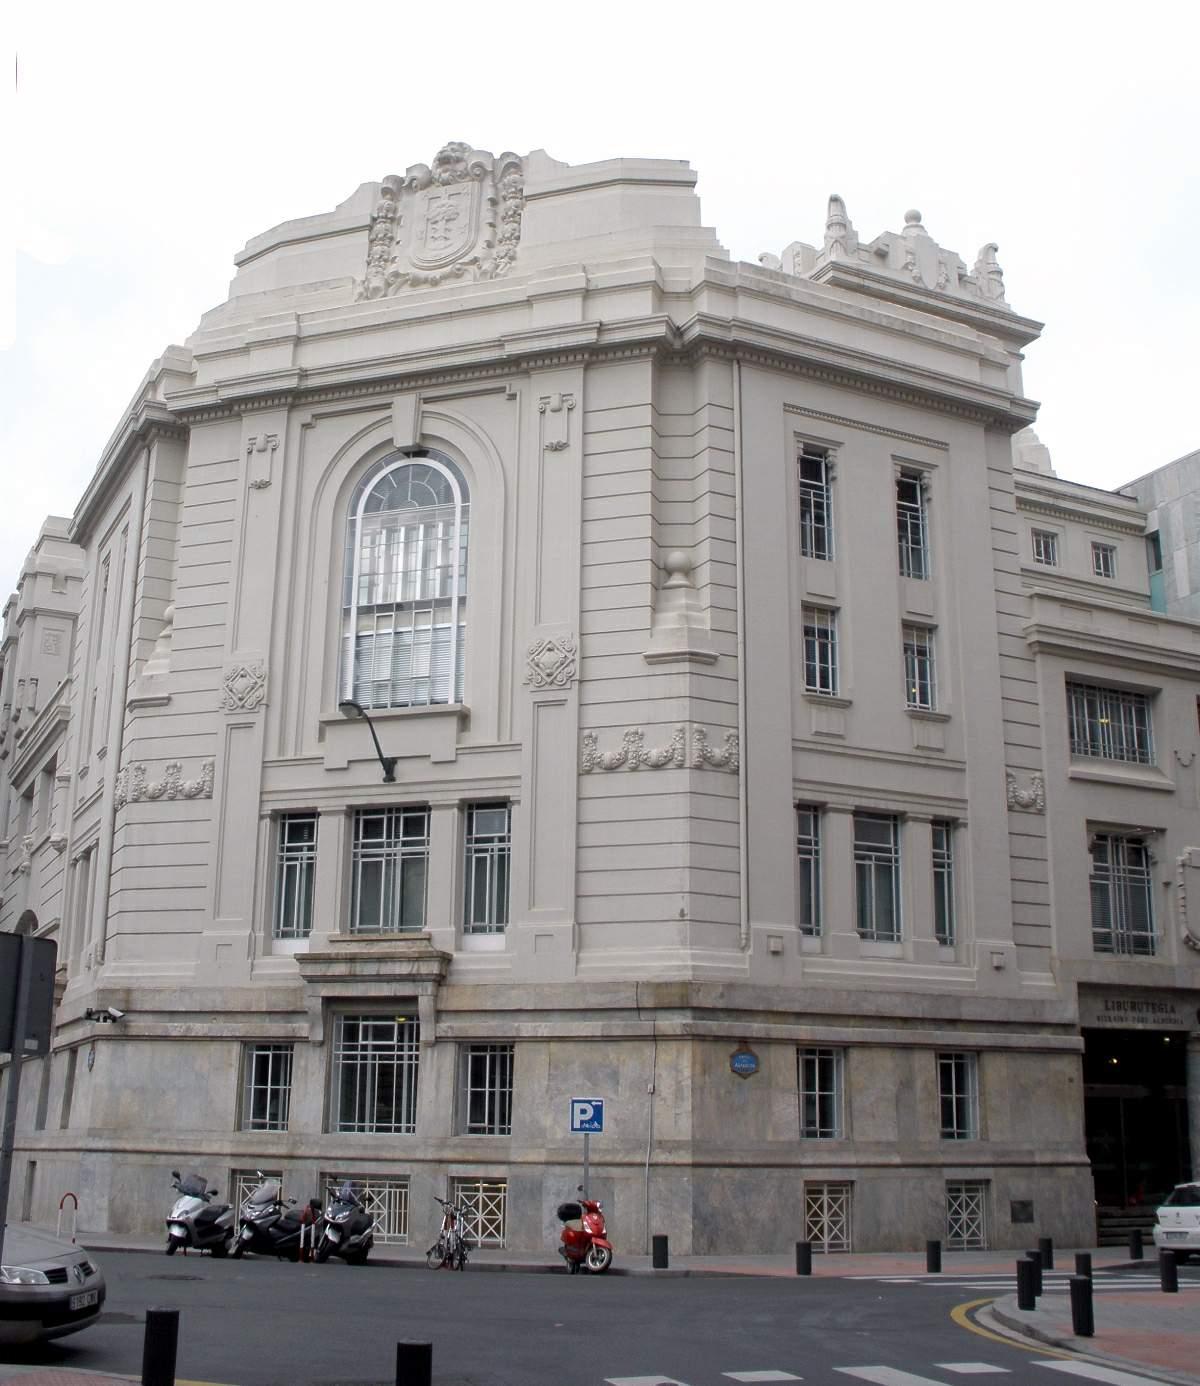 Art d co en la arquitectura de bilbao wikipedia la - Estudios de arquitectura en bilbao ...